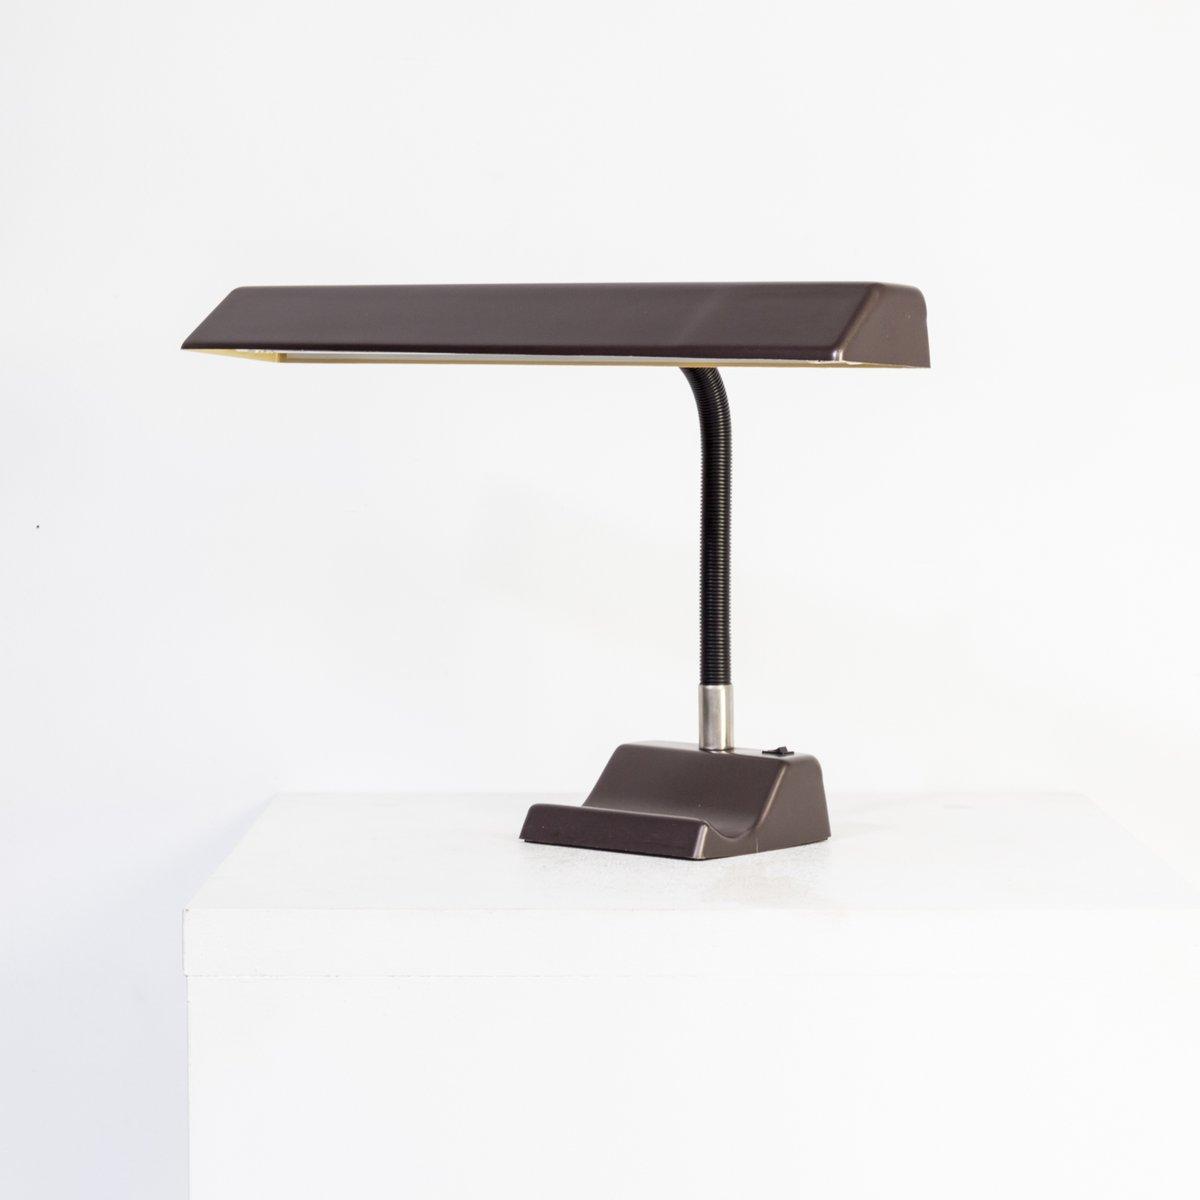 250 Schreibtischlampe mit TL Birne von SIS, 1980er